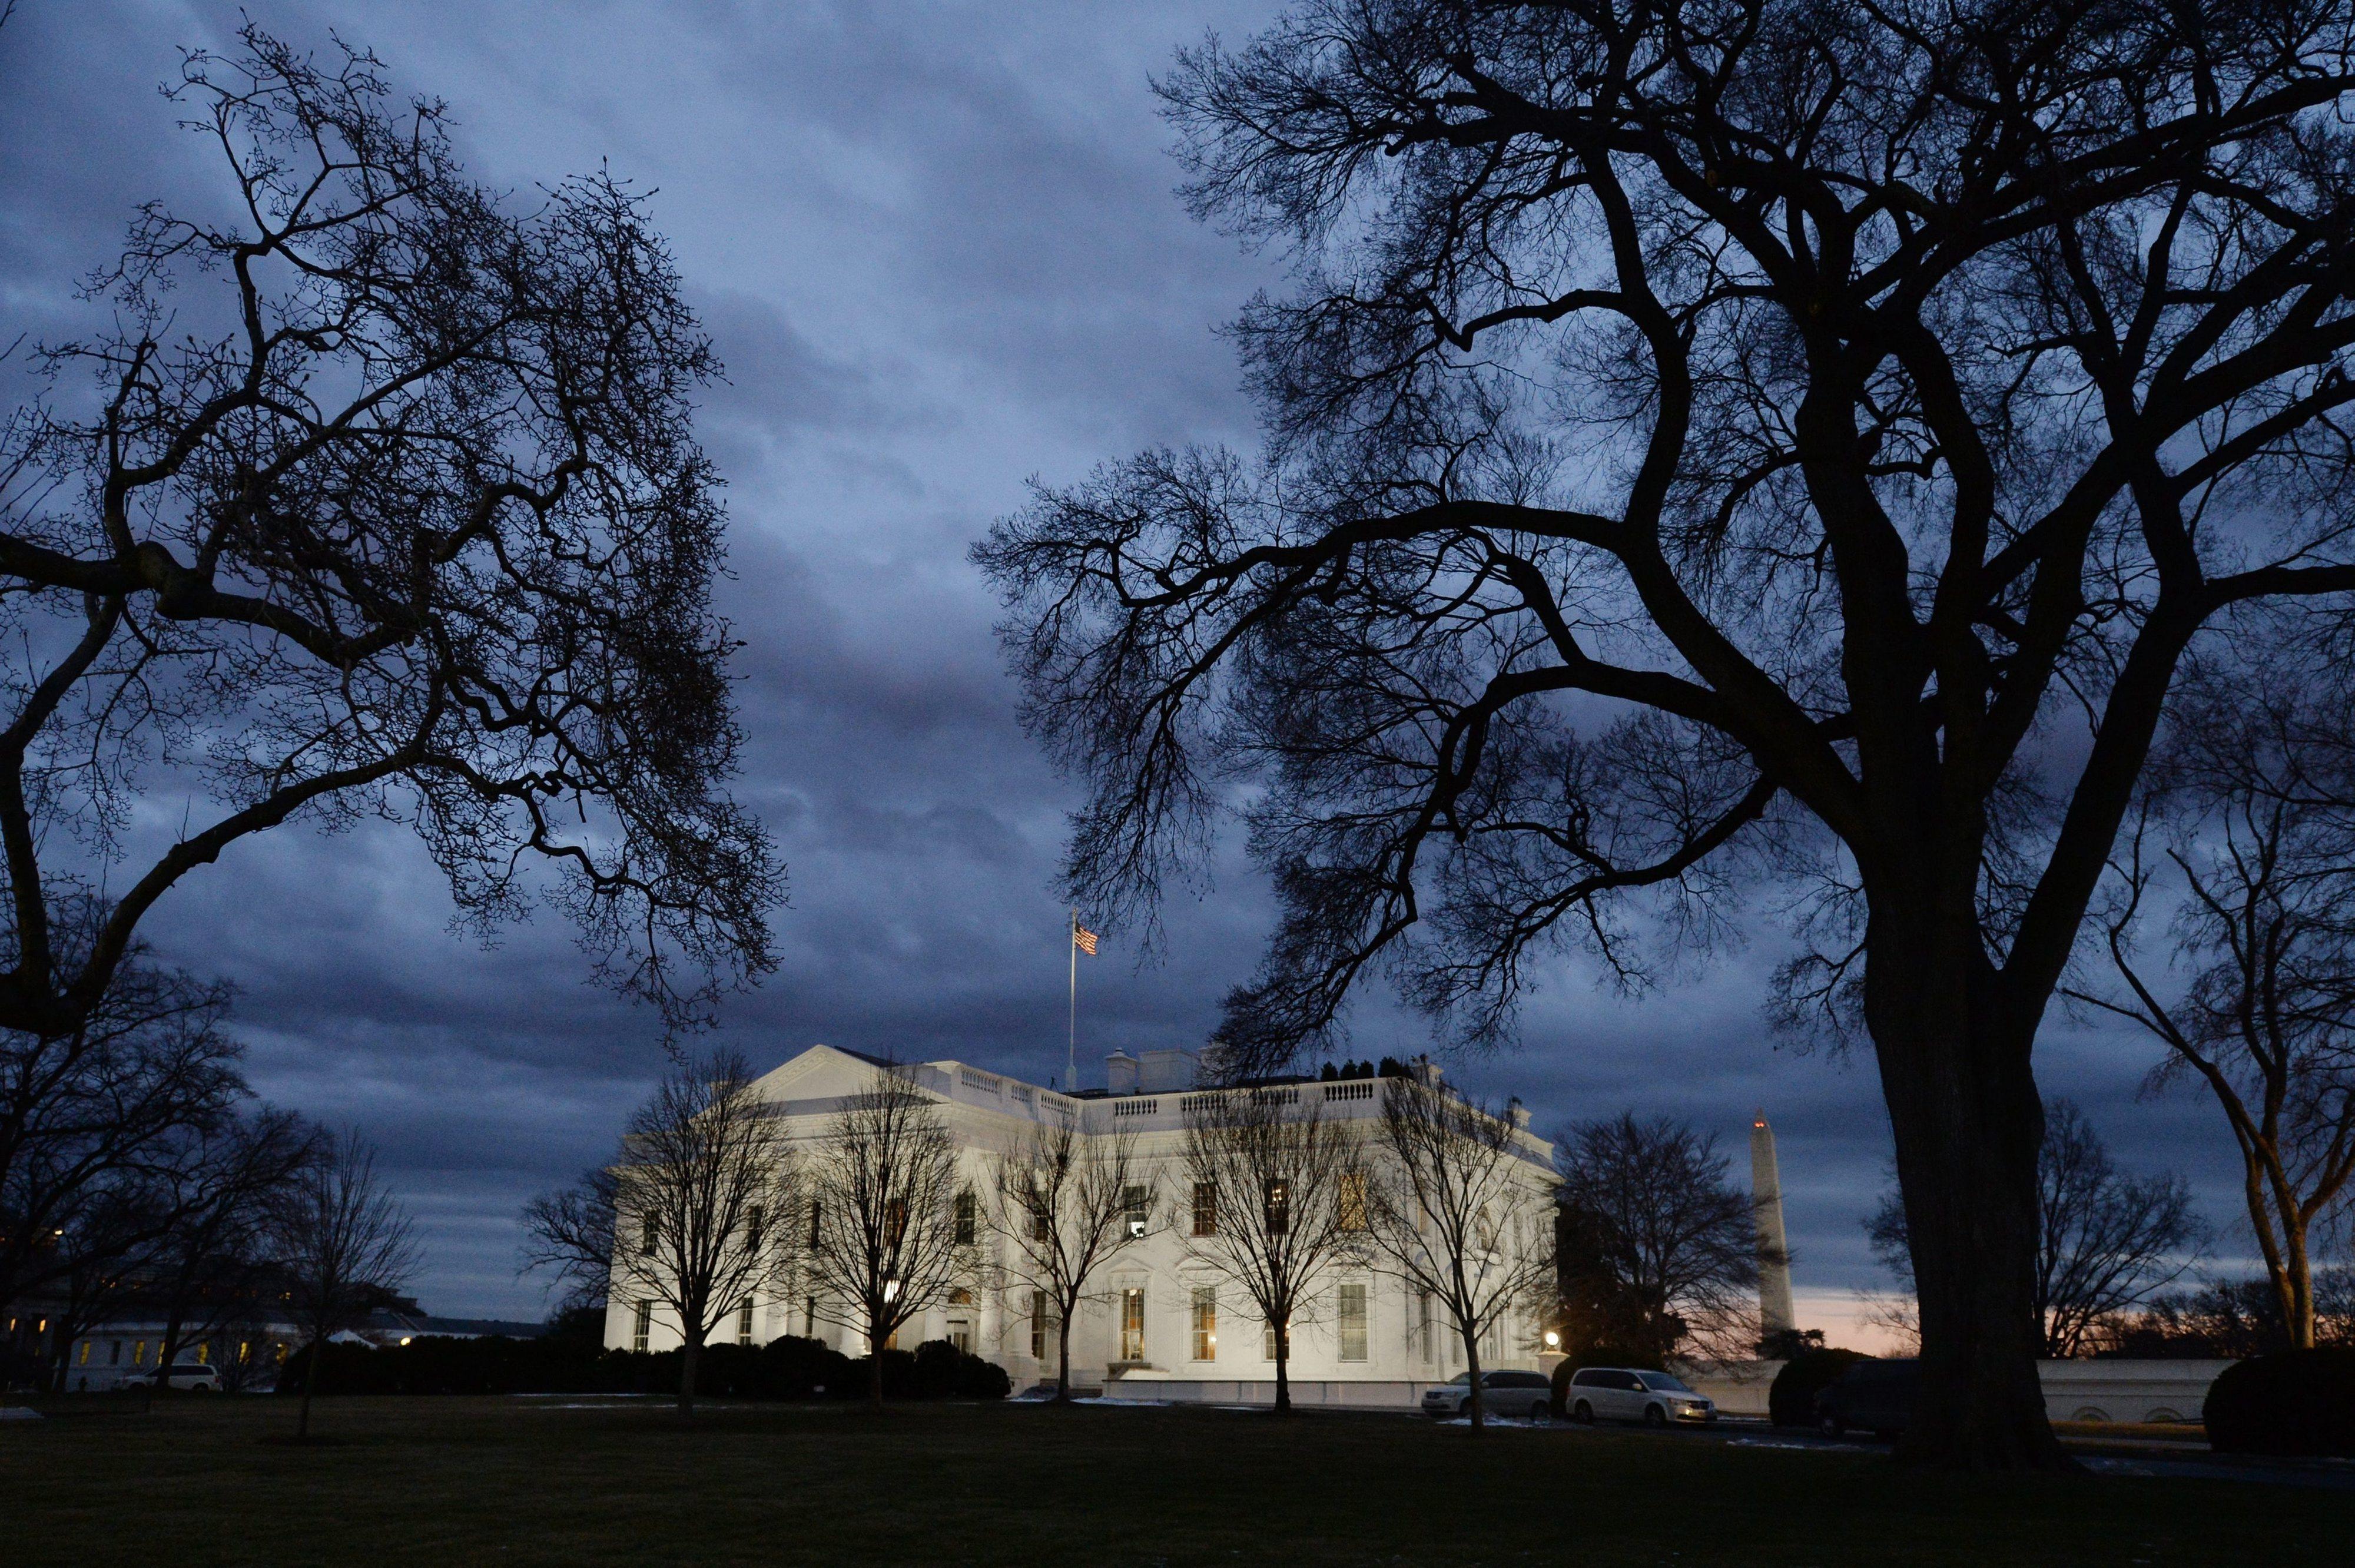 Entretanto, na sala de crise da Casa Branca… Uma discussão acesa com direito a gritos e a medir o tamanho das pilhas de estudos